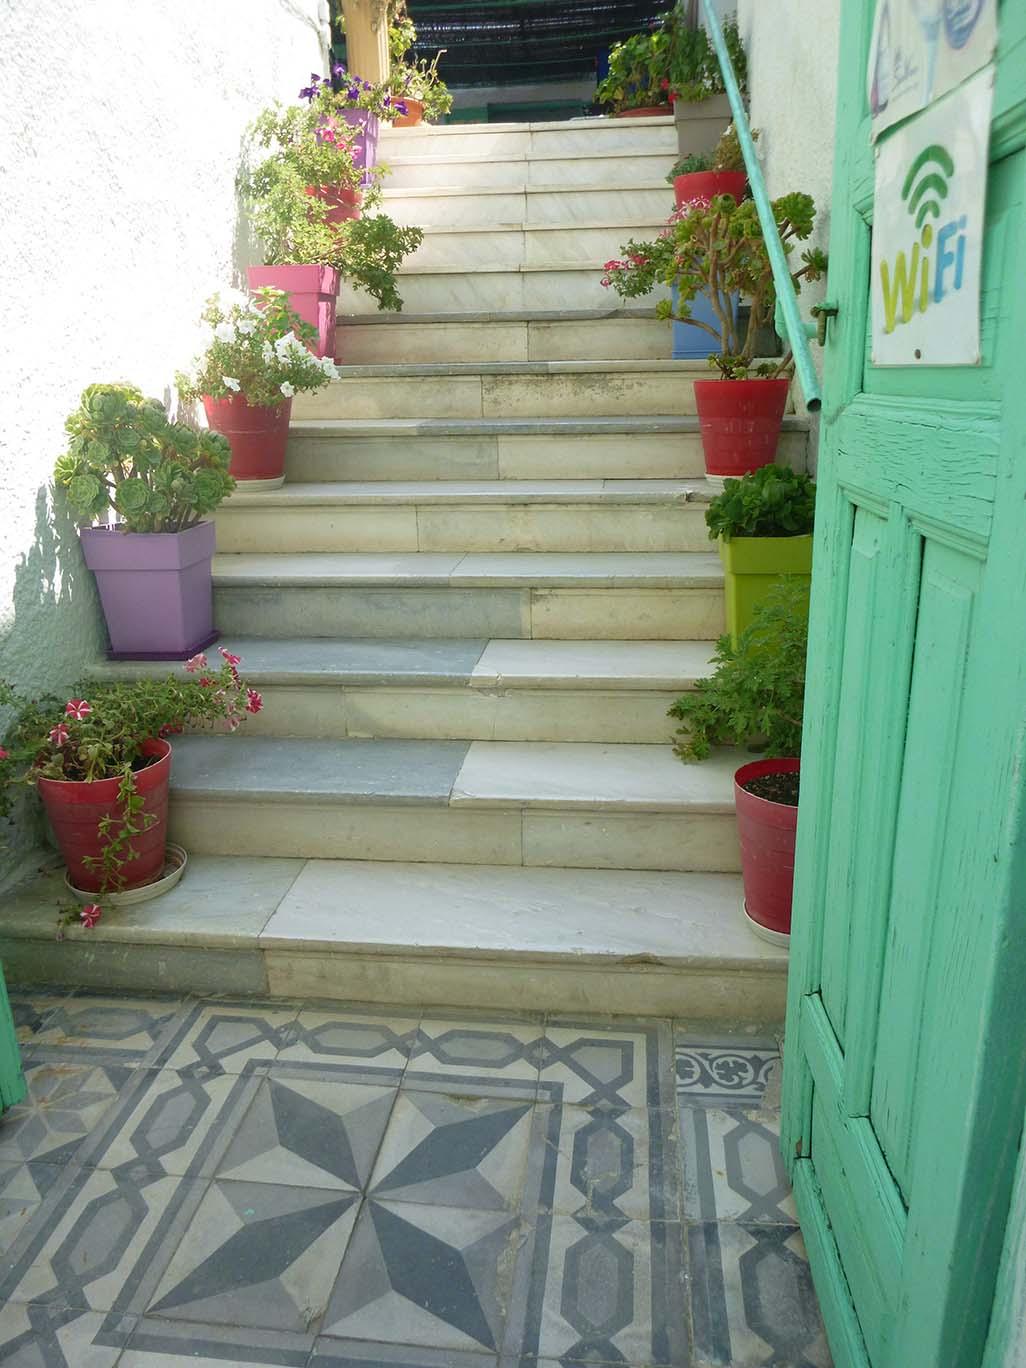 Entrance to wifi restaurant in Santorini